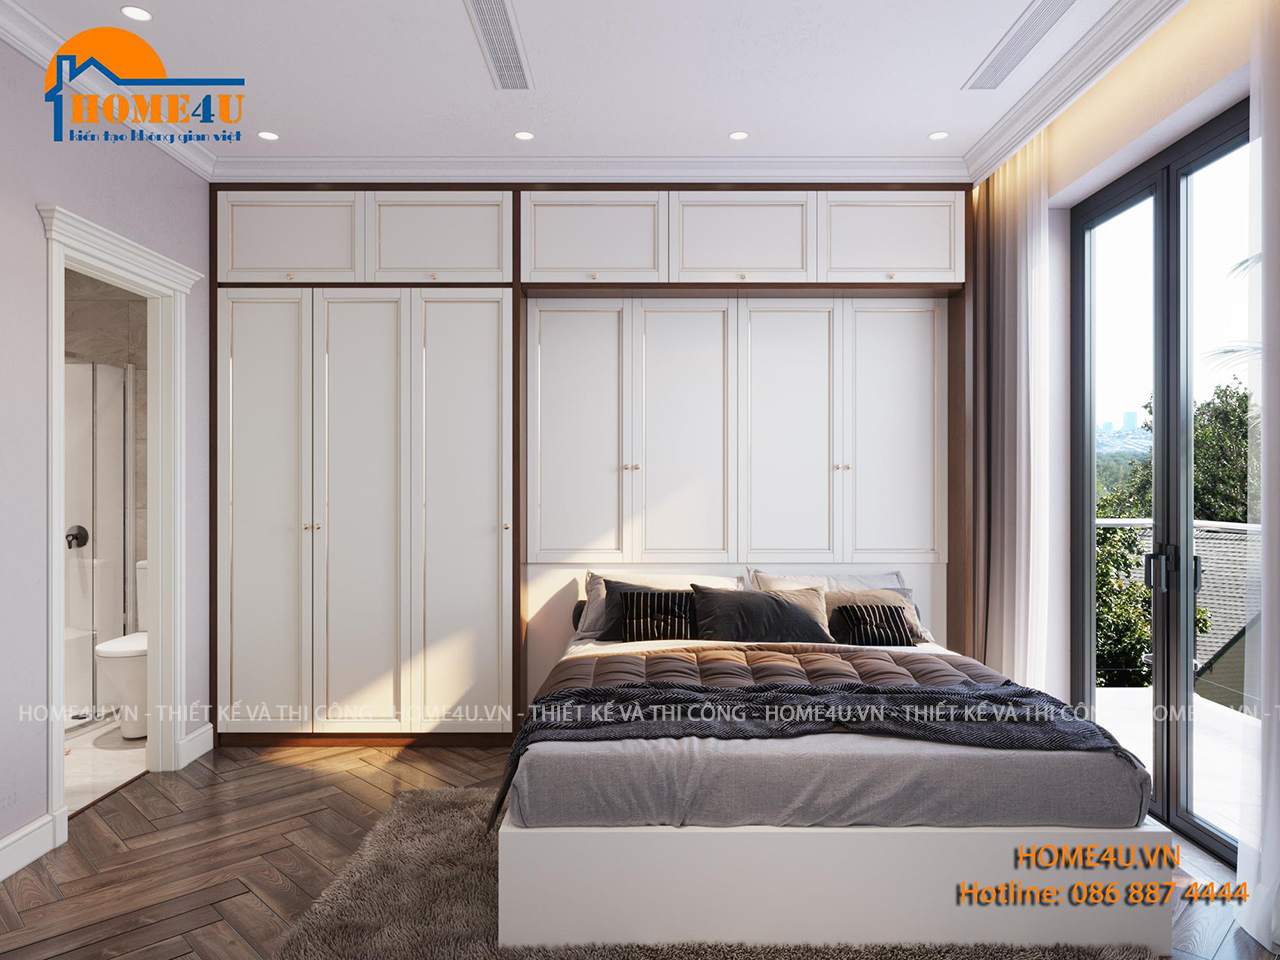 Mẫu thiết kế nội thất nhà phố tân cổ điển anh Thiện - NTNP2003